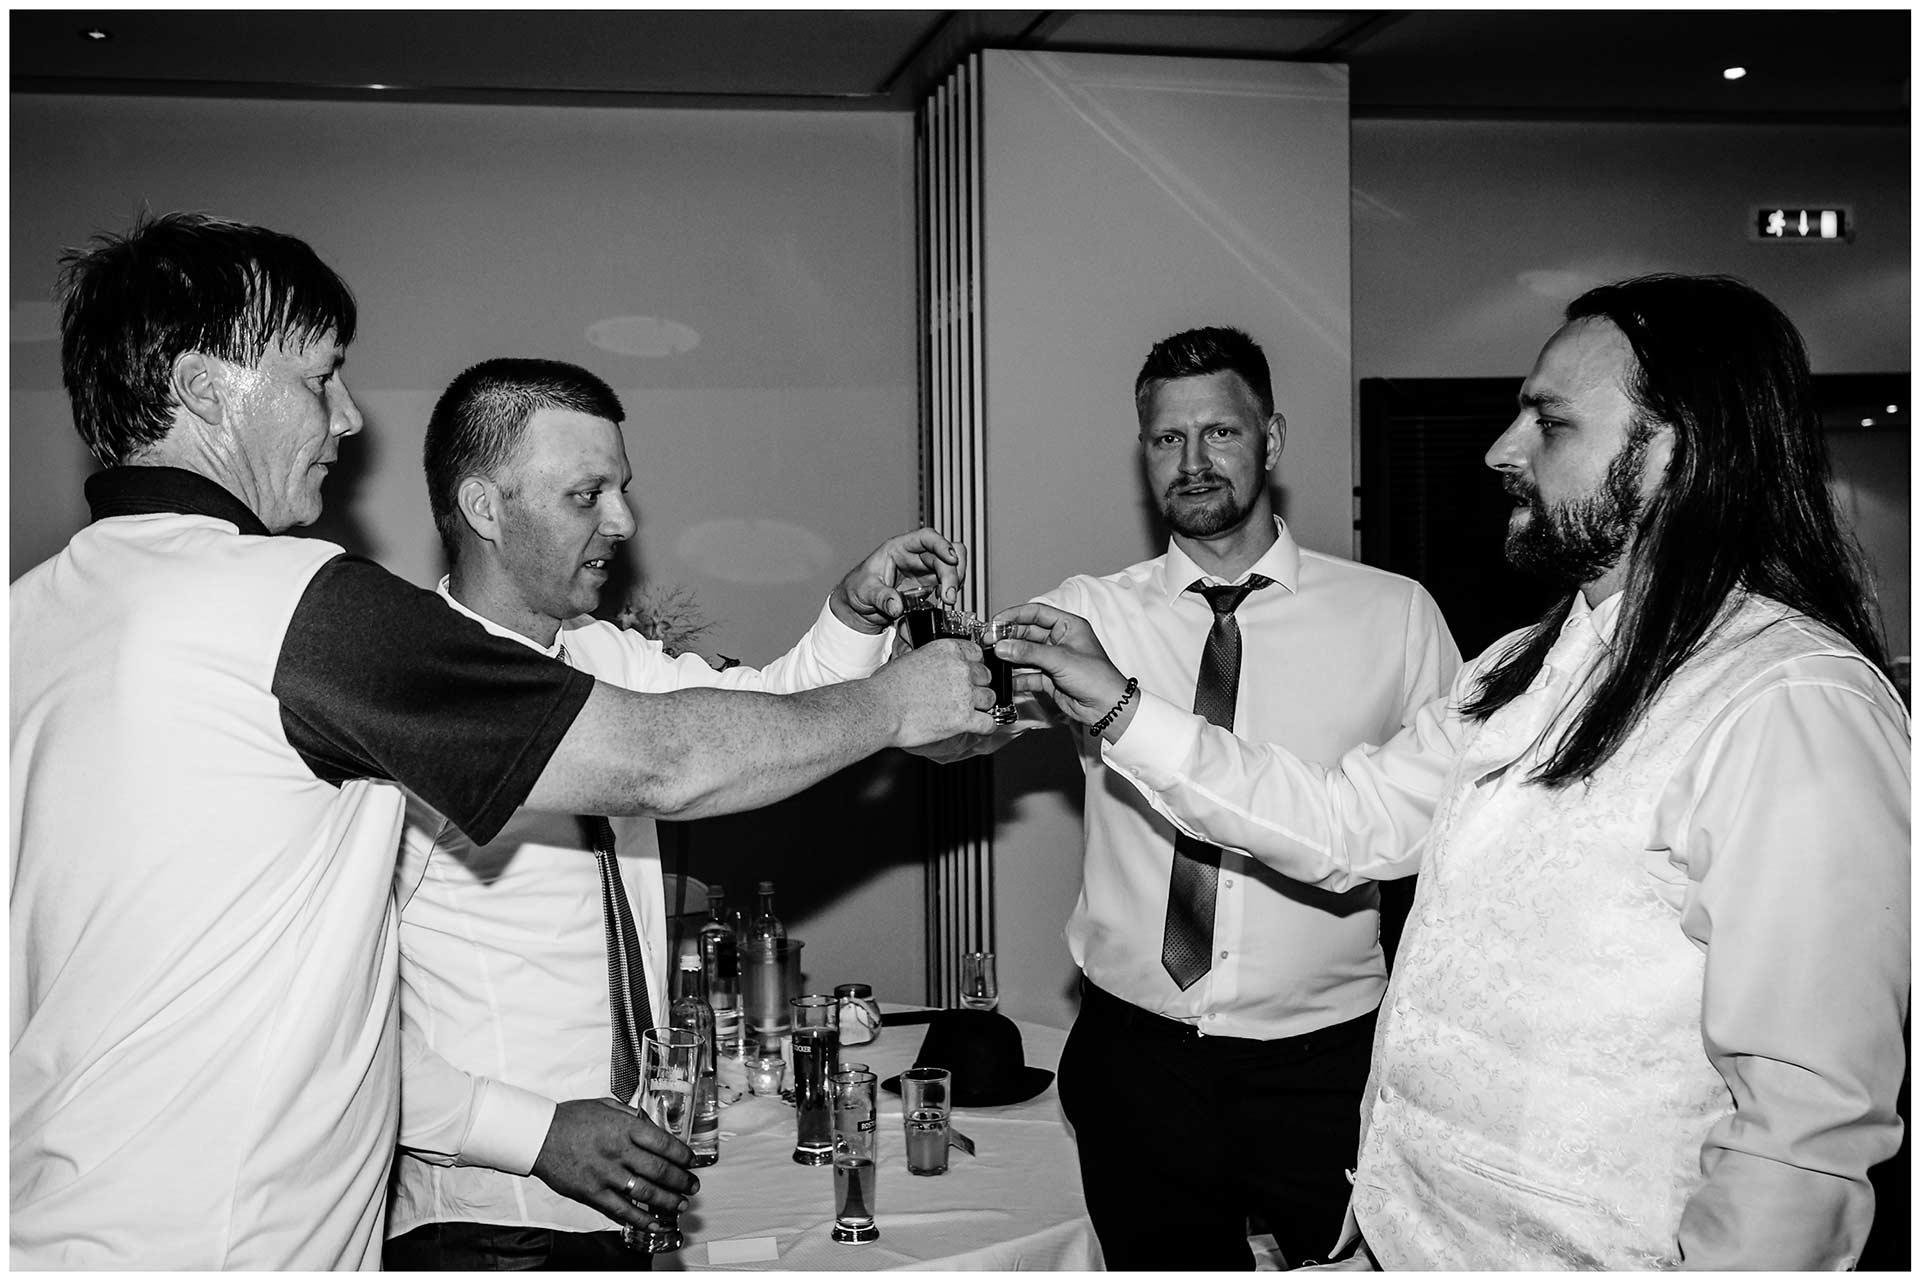 Braeutigam-stoesst-mit-Gaesten-an-Hochzeit-im-Hotel-Neptun-Hochzeitsfotograf-Warnemuende-Hochzeitsfotograf-Rostock-Hochzeitsfotograf-Ostseebad-Warnemuende